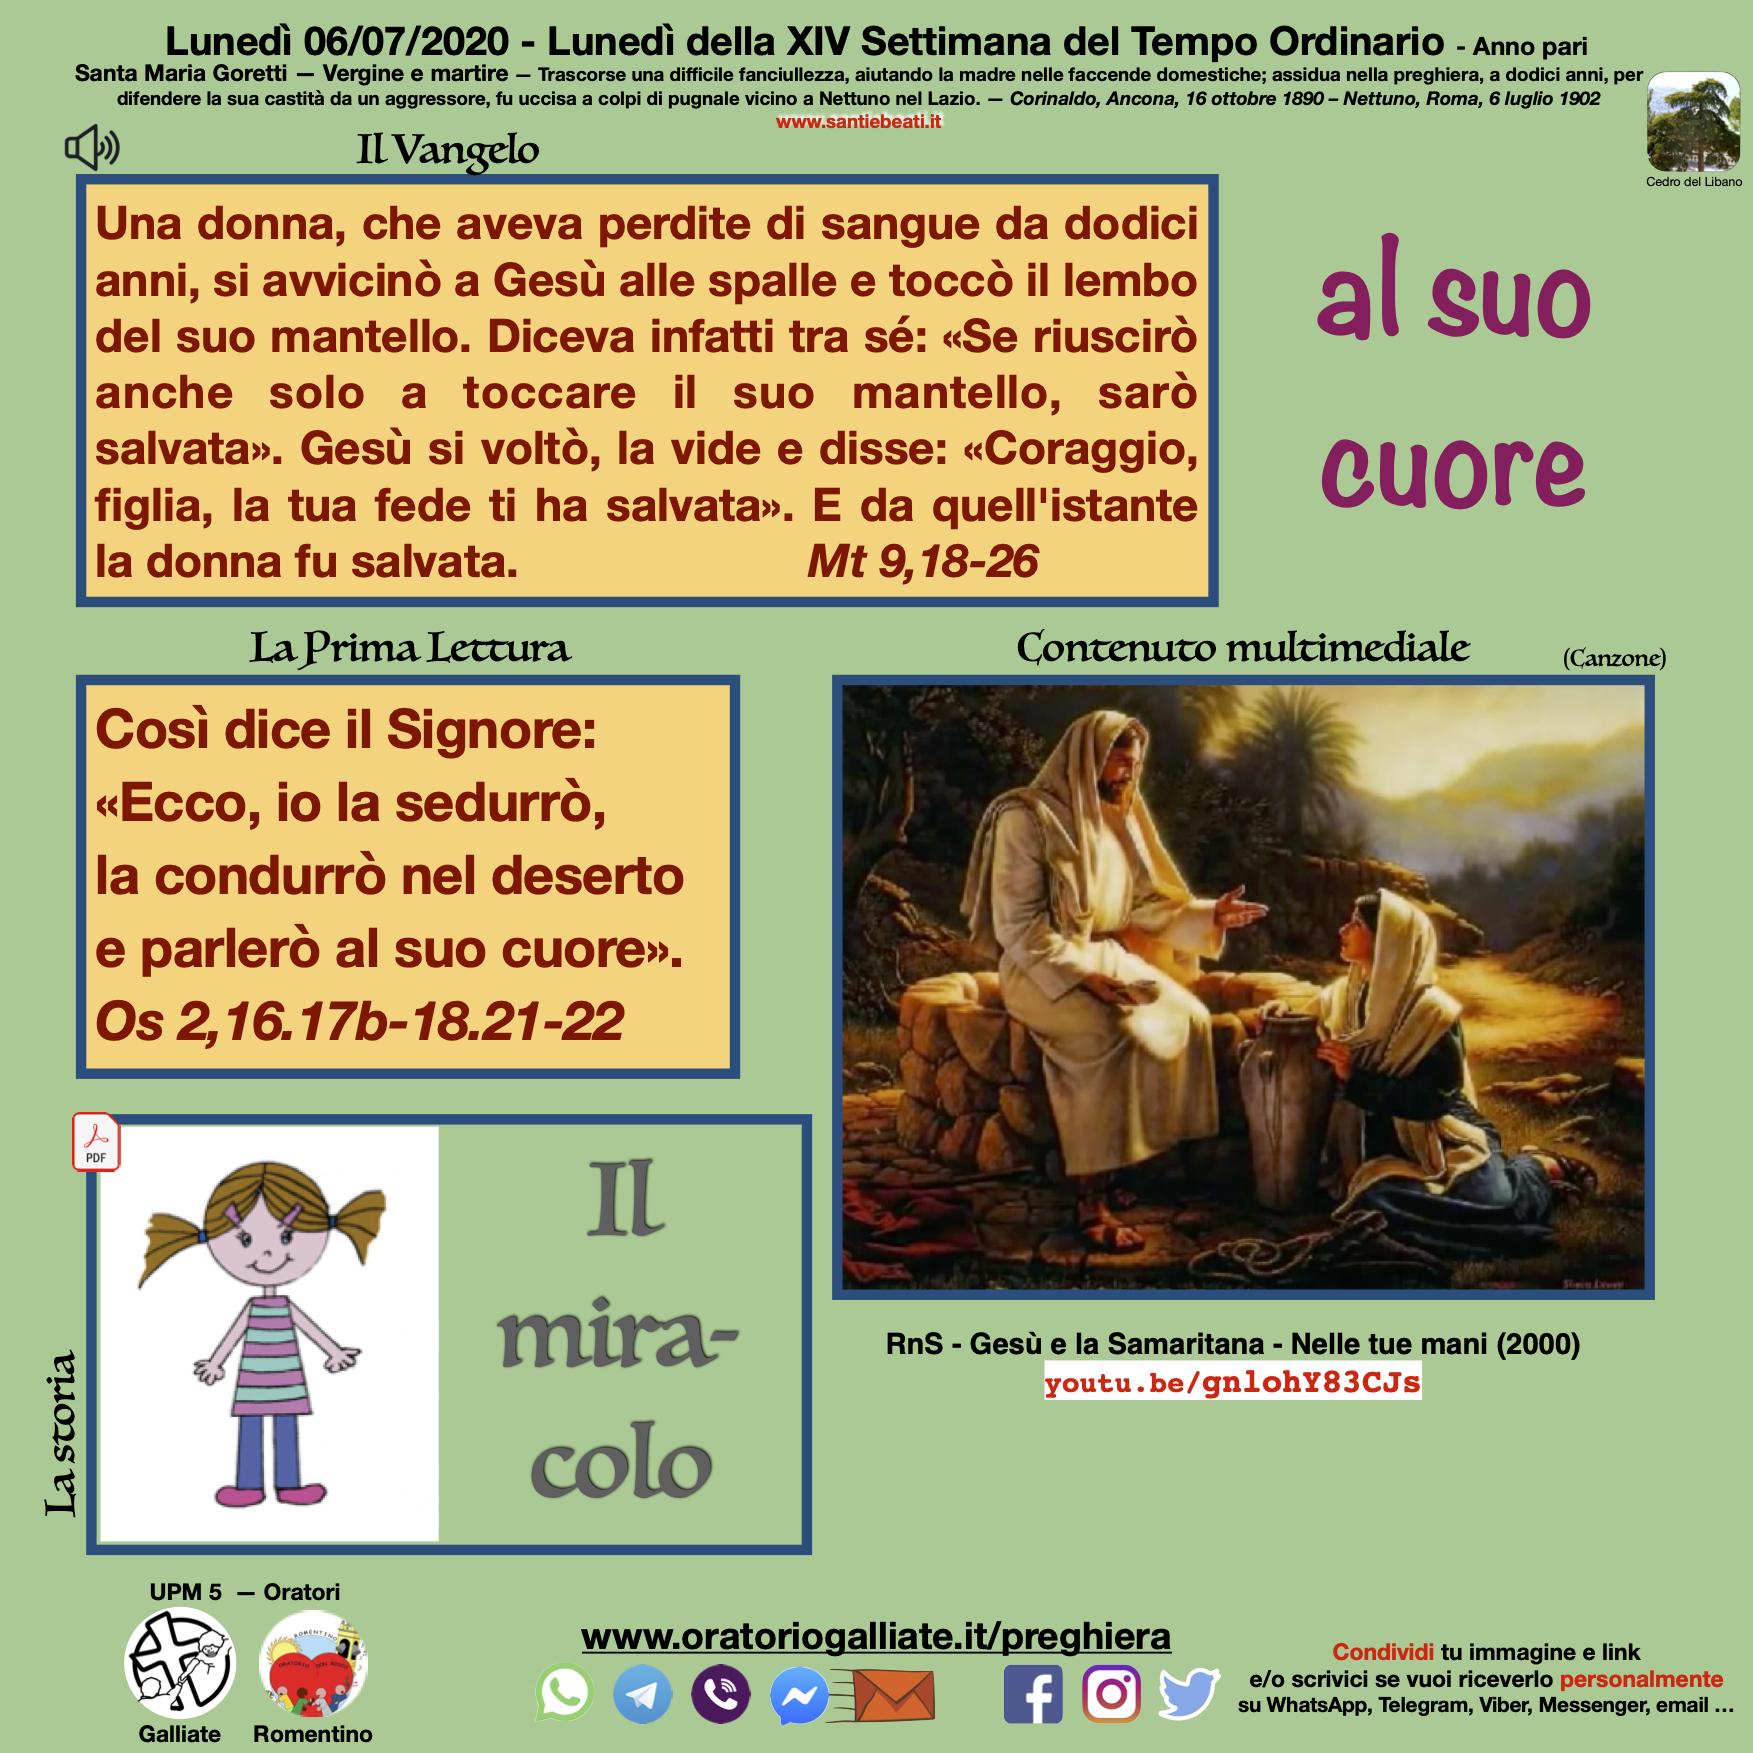 Prg200706-Ordinario